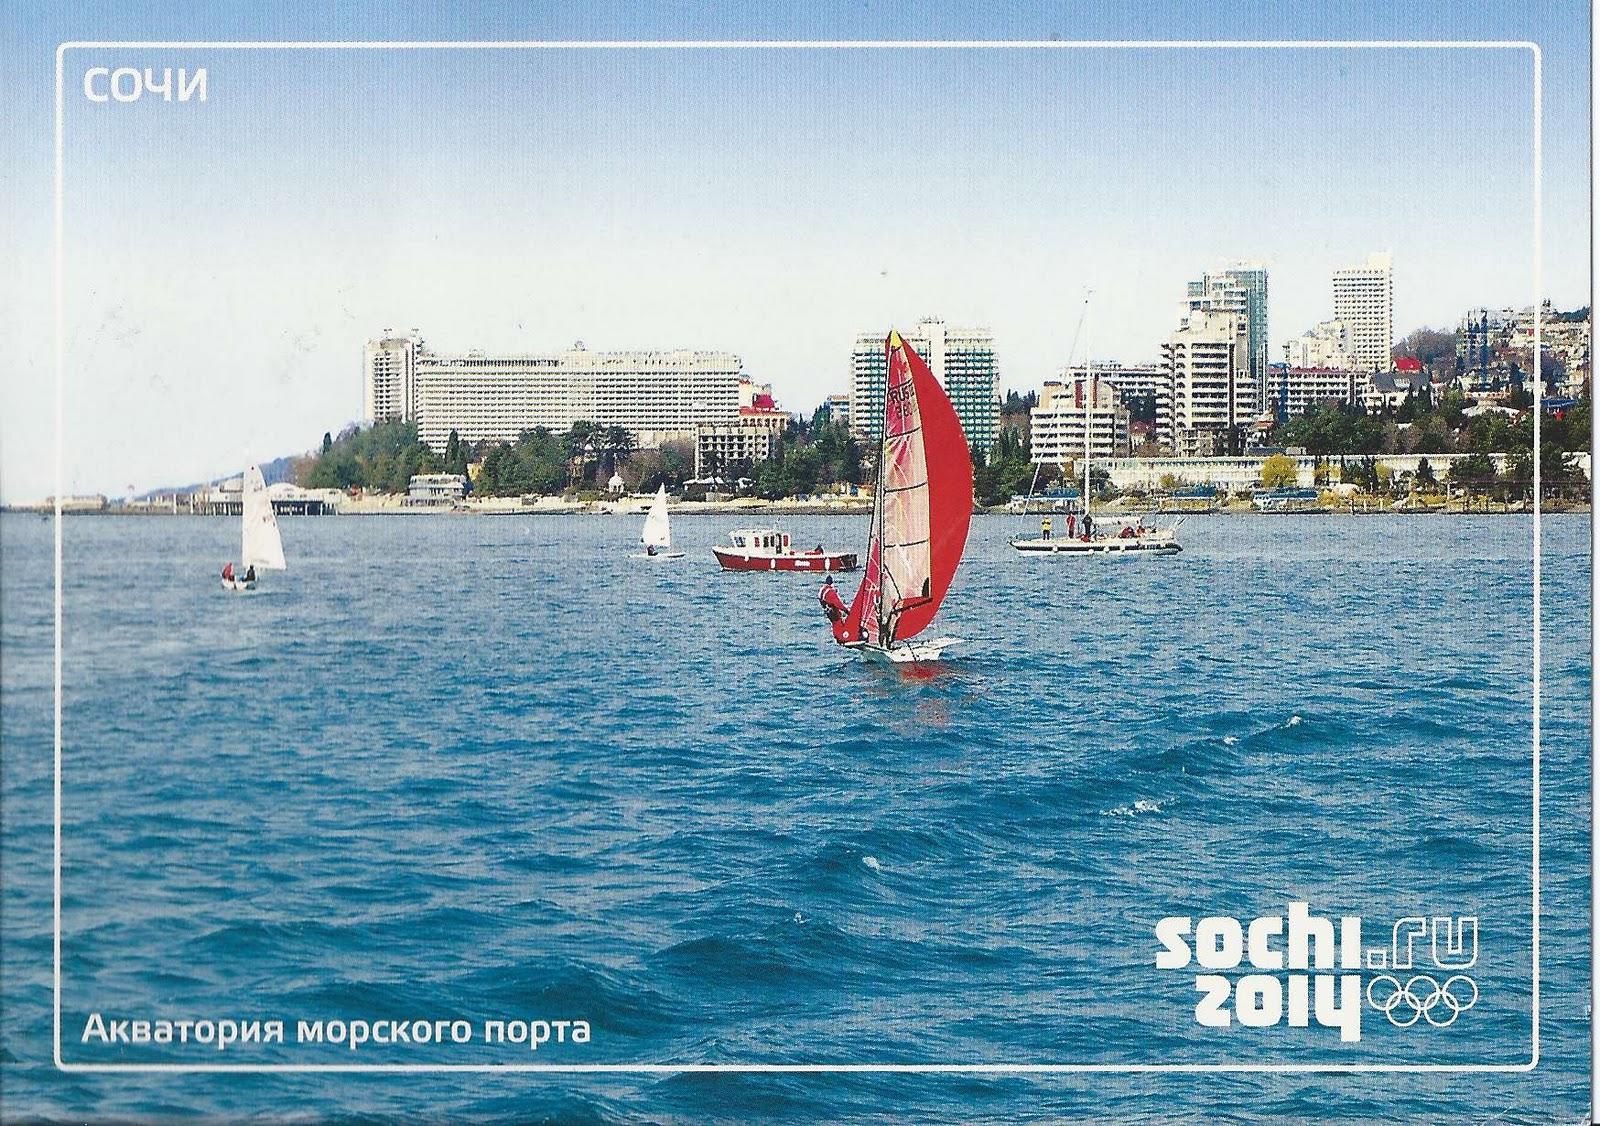 http://4.bp.blogspot.com/-PoB9VyNewug/Tyru-yKc0wI/AAAAAAAABf8/Tcq9z1FFUZA/s1600/Russia19.jpg